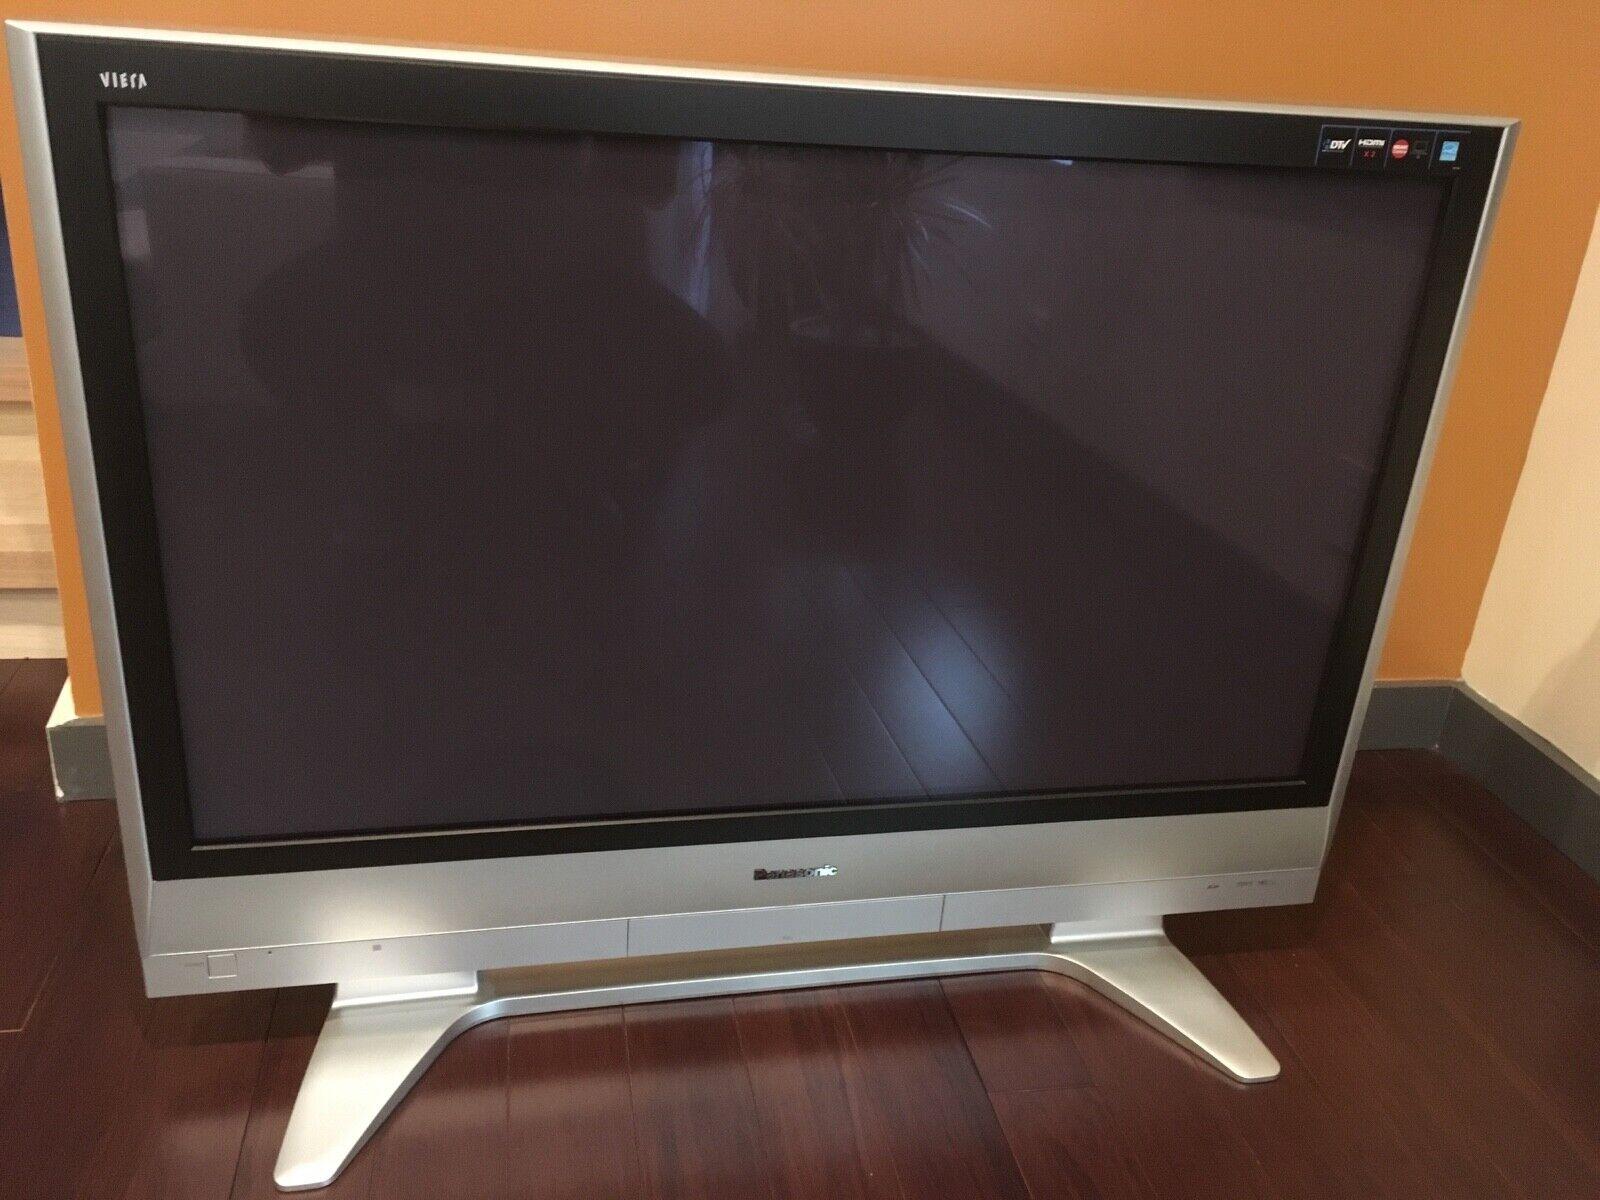 Panasonic 42 inch Plasma HDMI TV, Remote, TH-42PX60U Local Pickup